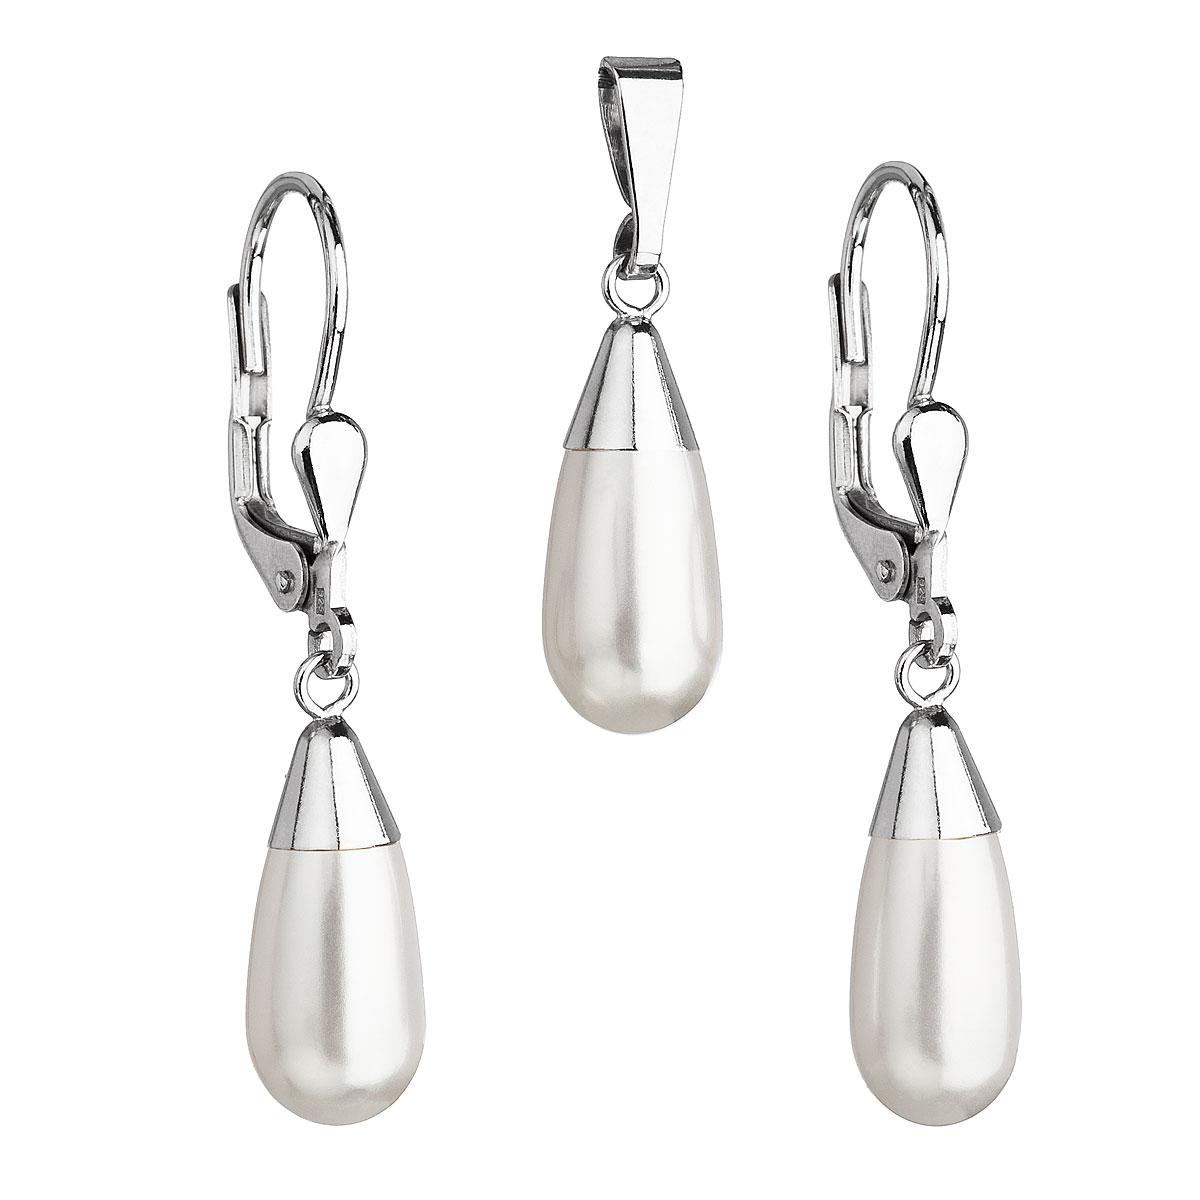 Evolution Group Sada šperků s perlami Swarovski náušnice a přívěsek bílá perla slza 39119.1